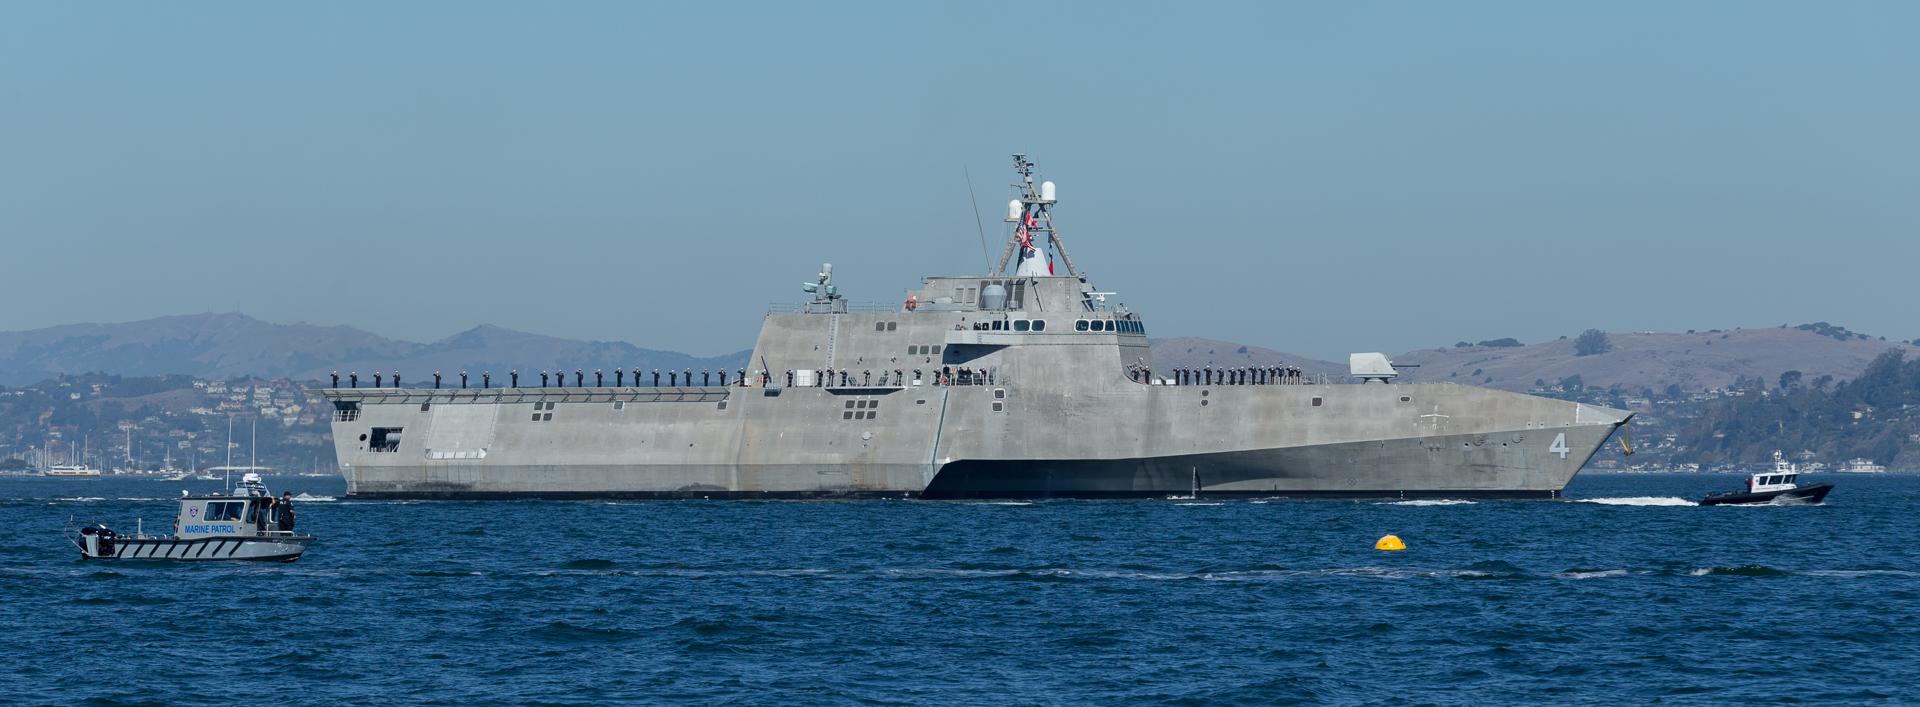 San Francisco Fleet Week / USS Coronado